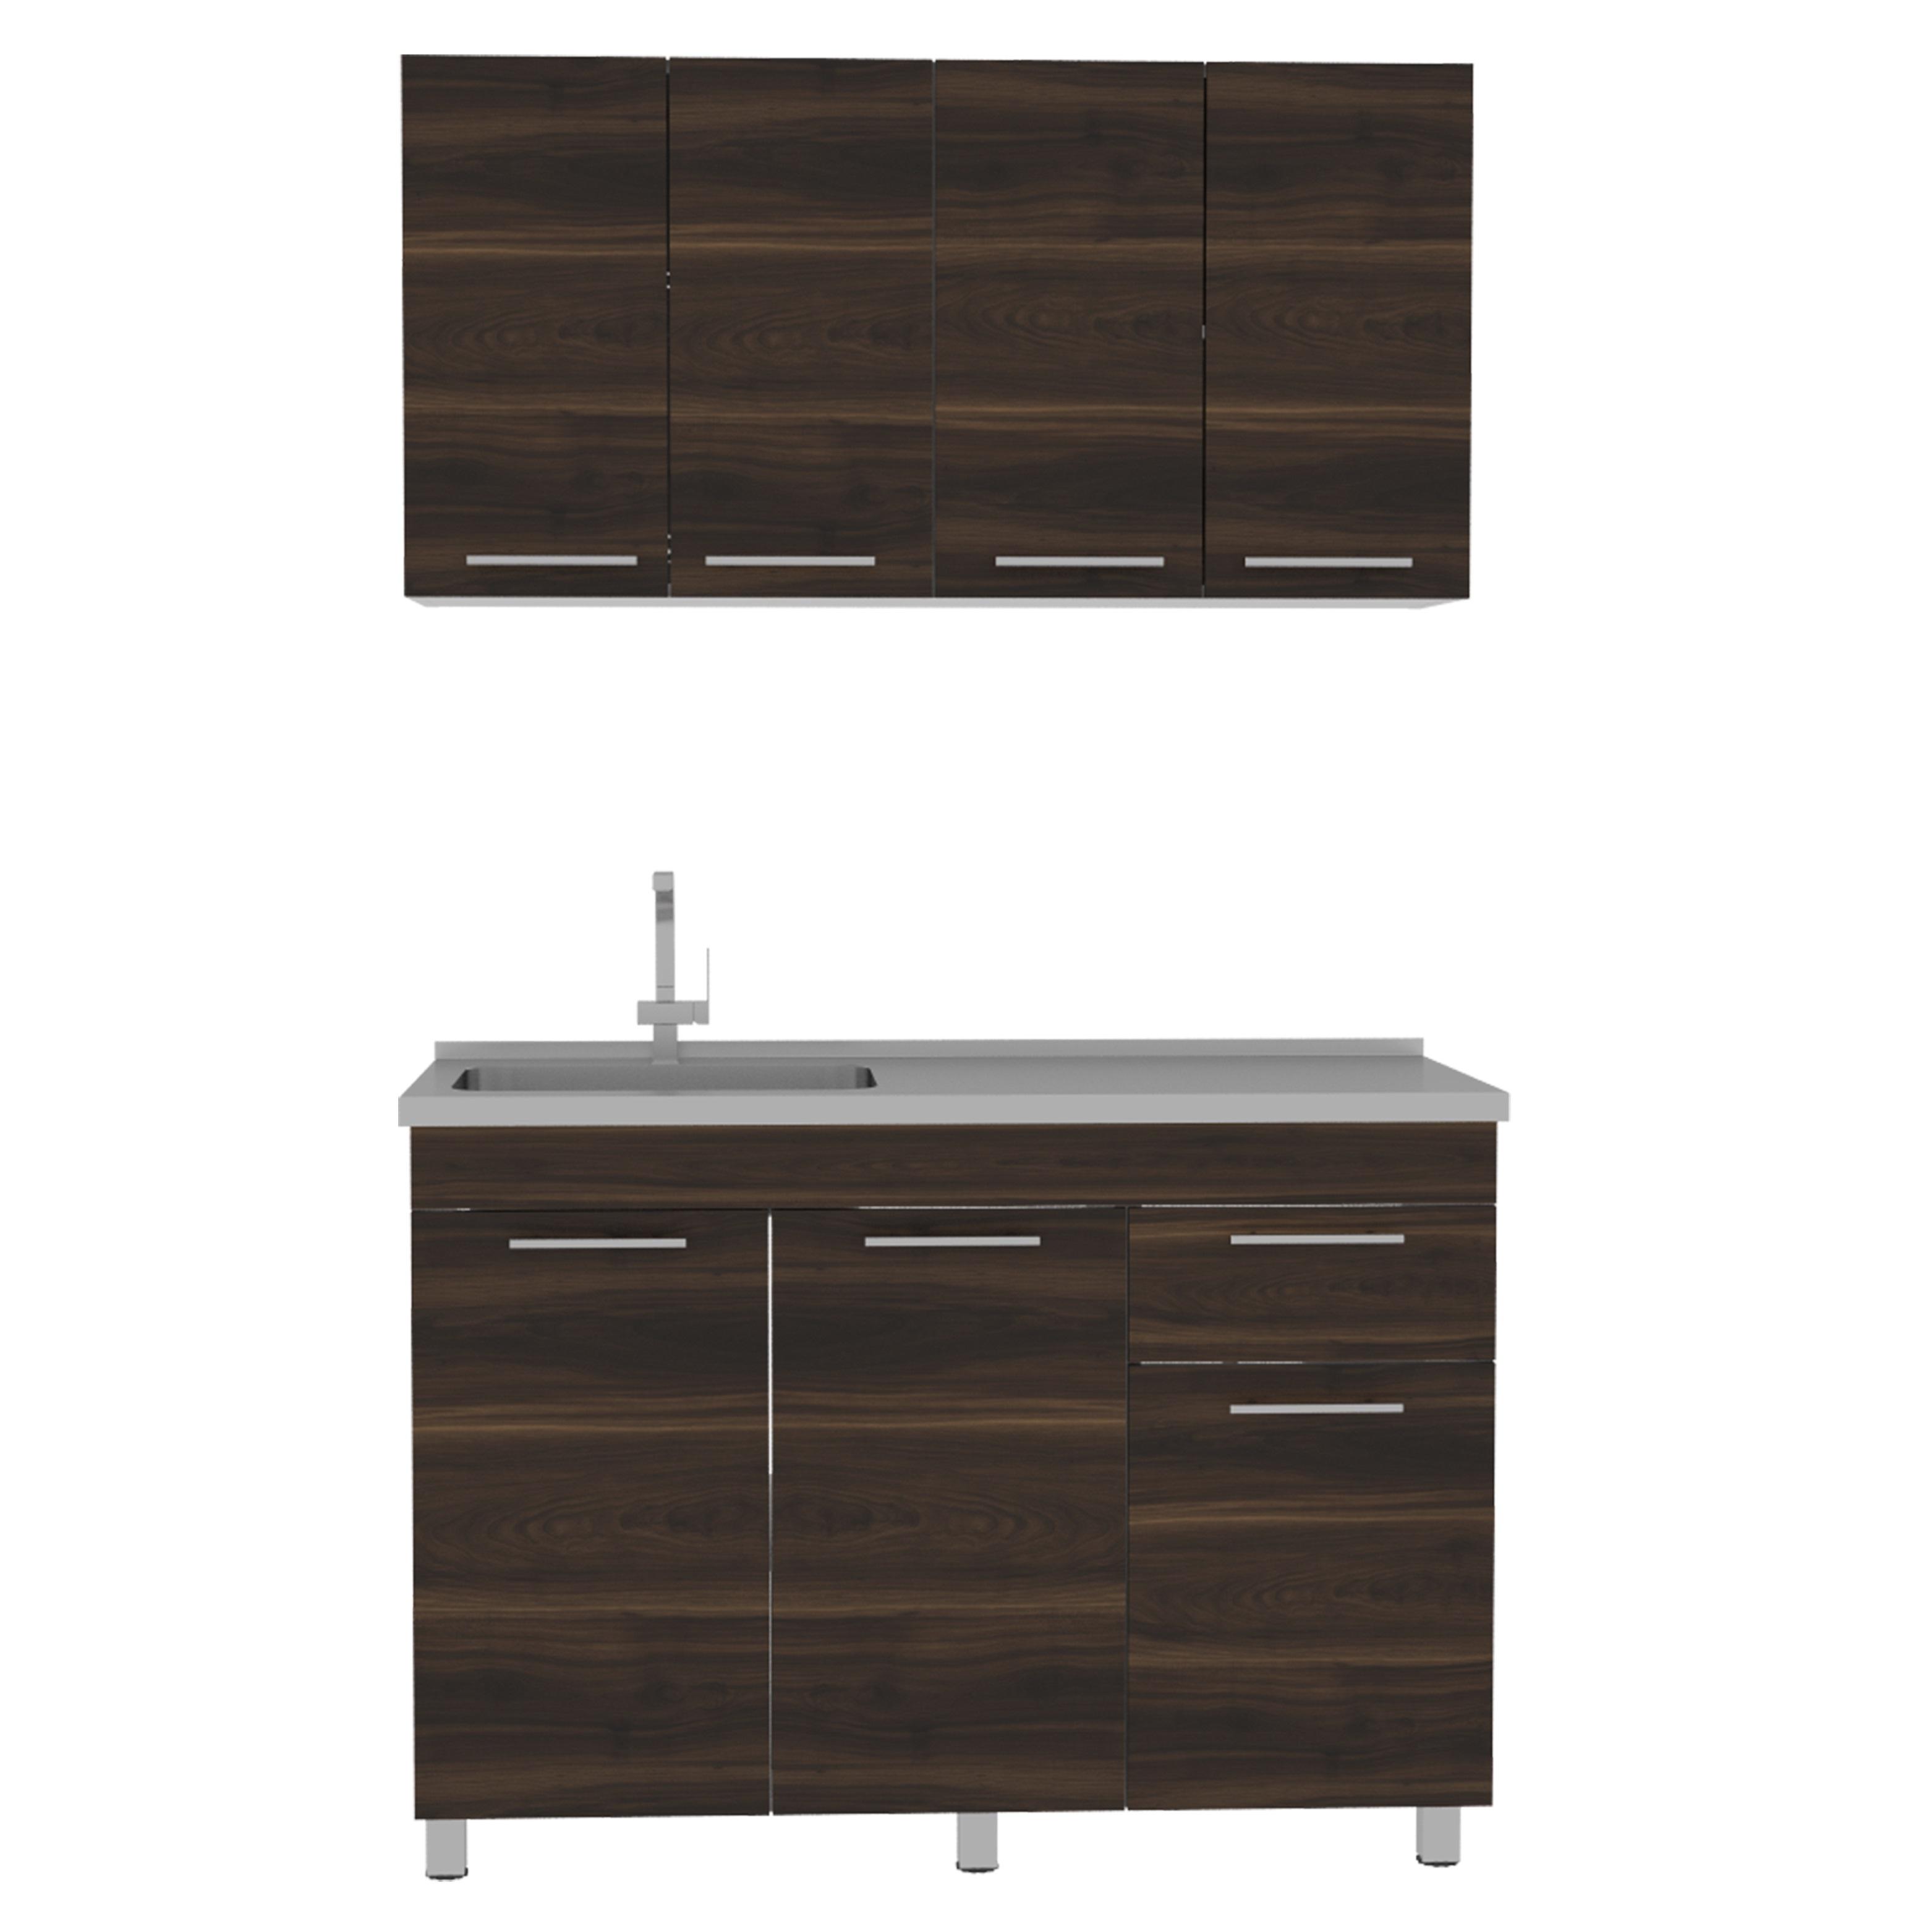 Mueble de cocina + lavaplatos Superior 60cm x 120cm x 28.6cm Inferior 86cm x 120